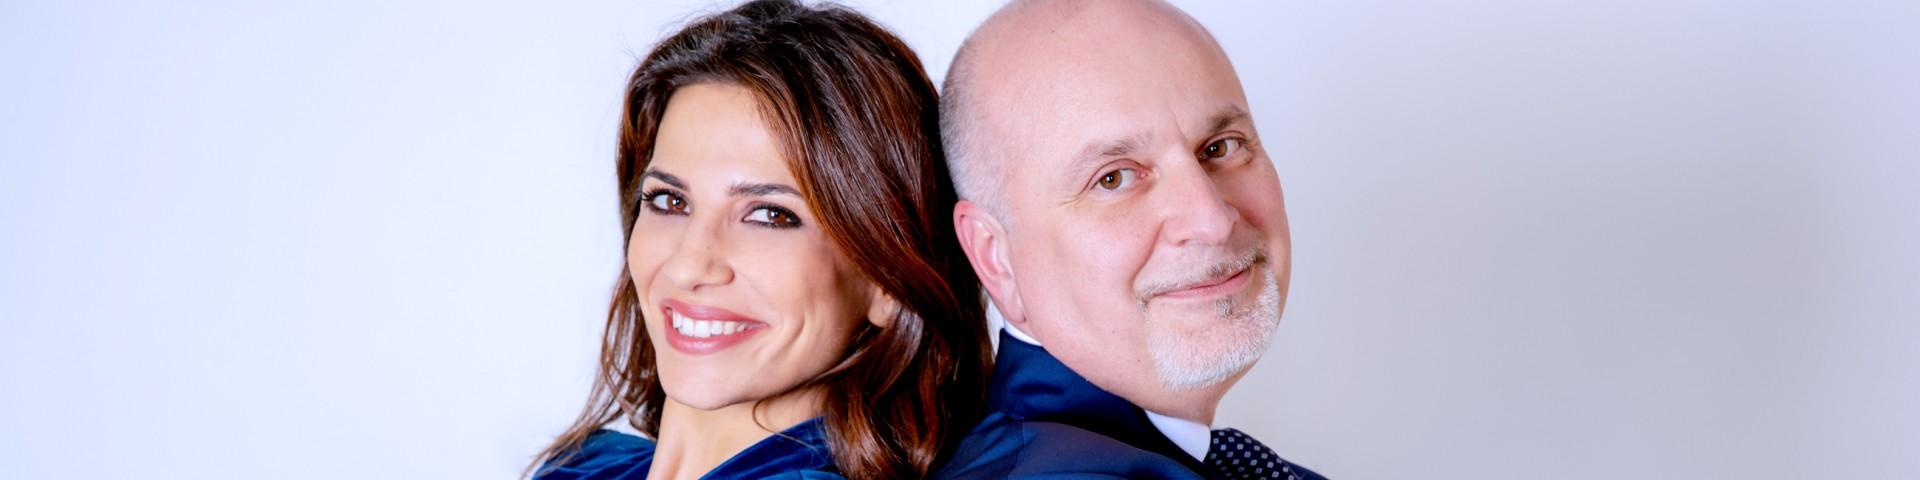 Casa Sanremo Vitality's l'hospitality del Festival della Canzone Italiana torna dal 3 al 9 febbraio